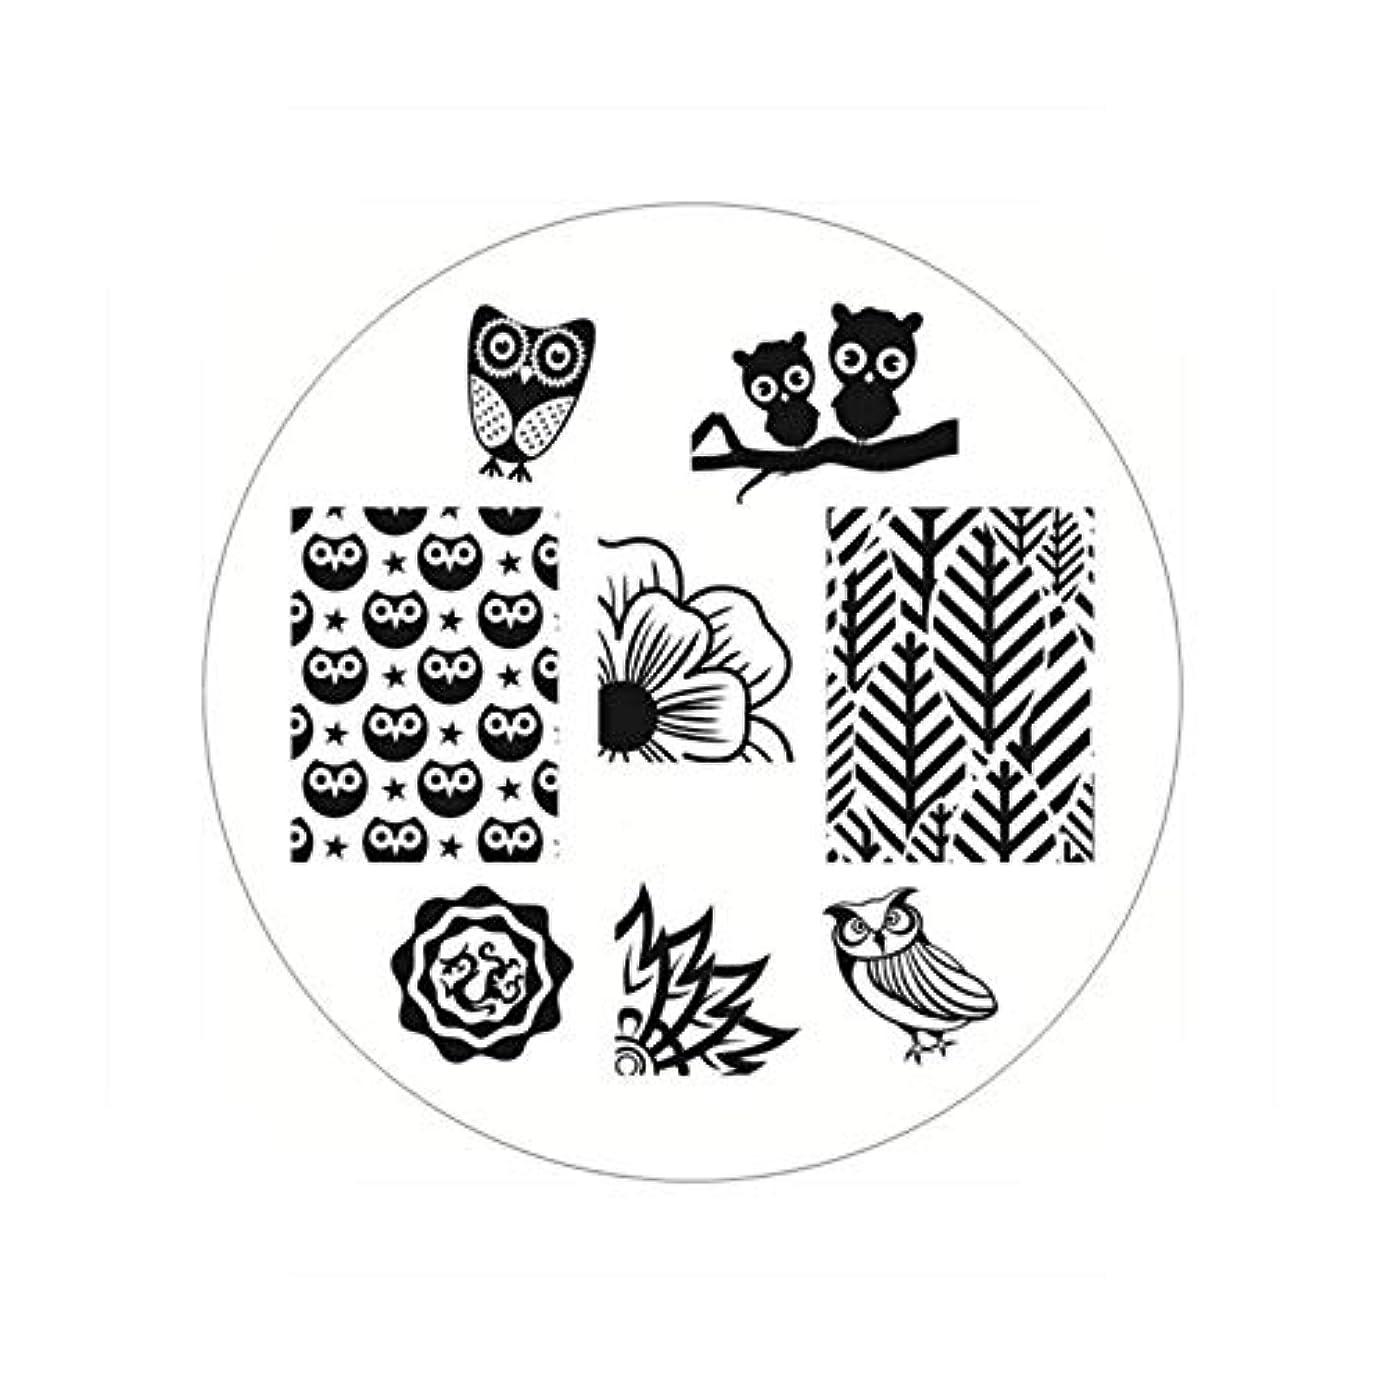 ネコ別々にブッシュ生まれたかわいい長方形のネイルスタンピングプレートラインネイルアートイメージスタンプテンプレートステンシル芸術的な夏のテーマ,BP54